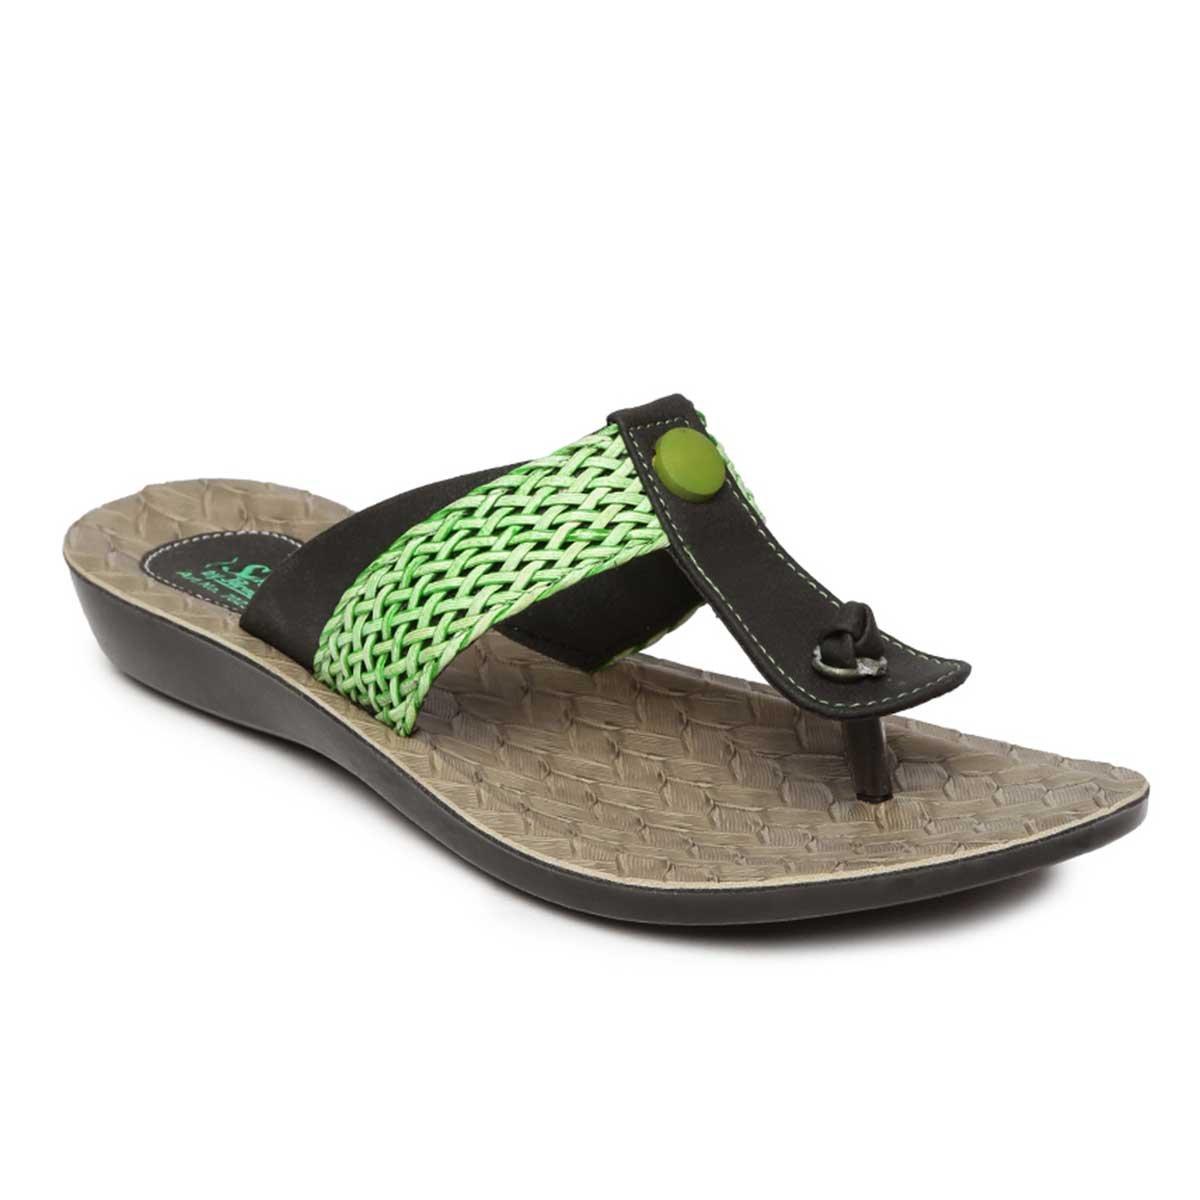 655d2599368a PARAGON SOLEA Women s Green Flip-Flops – Buy Bestow